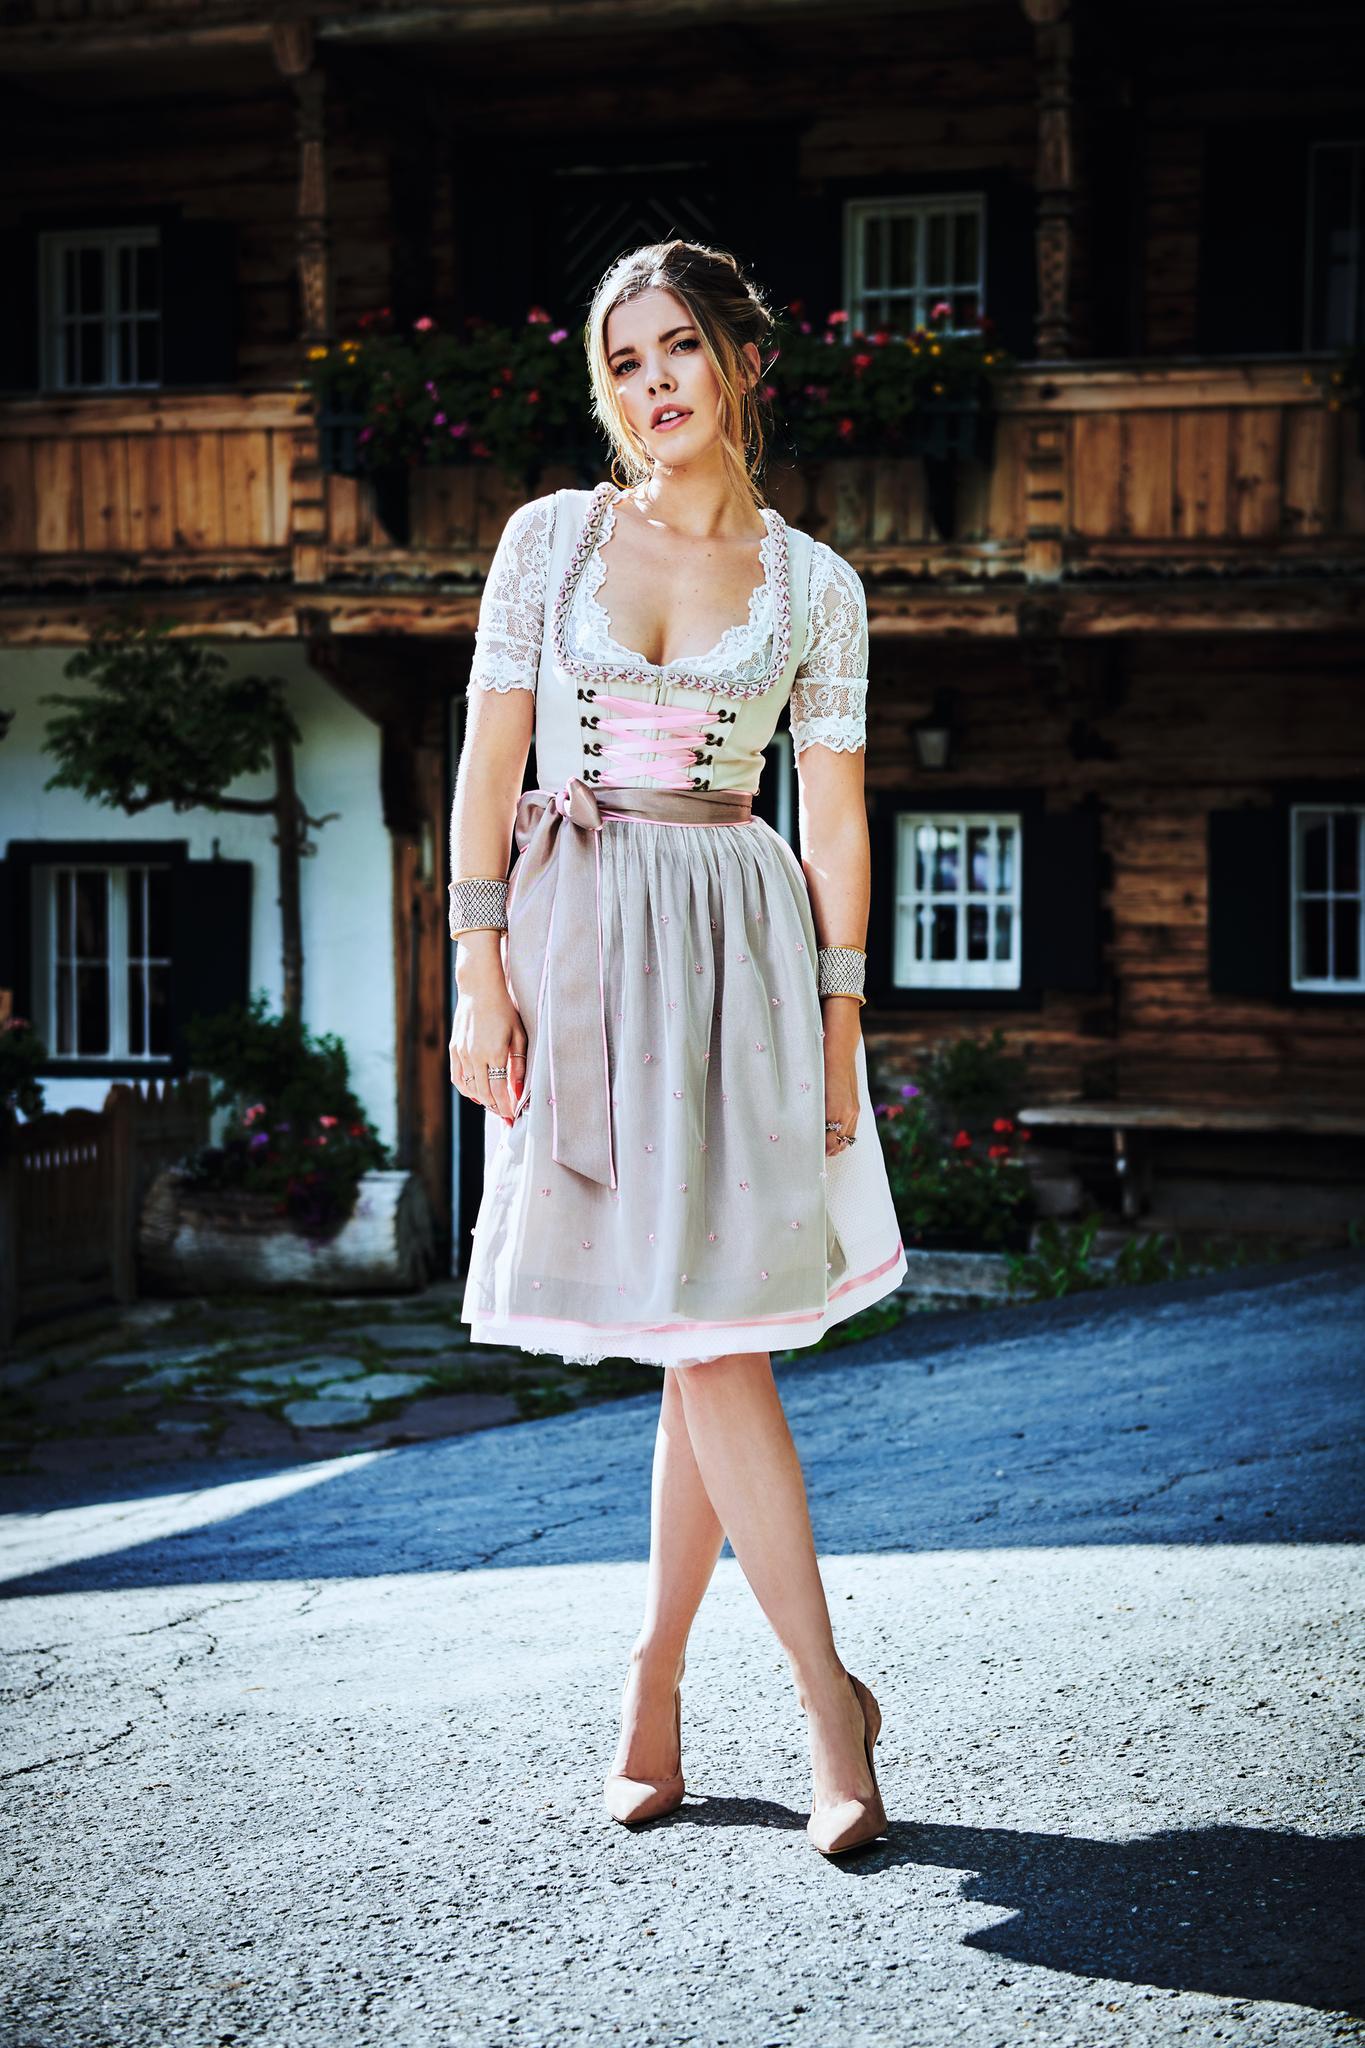 """Schmuck-Erbin Victoria Swarovski hat bereits ihre zweite eigene Trachtenkollektion für das Trachtenmoden-Label""""Krüger"""" entworfen."""